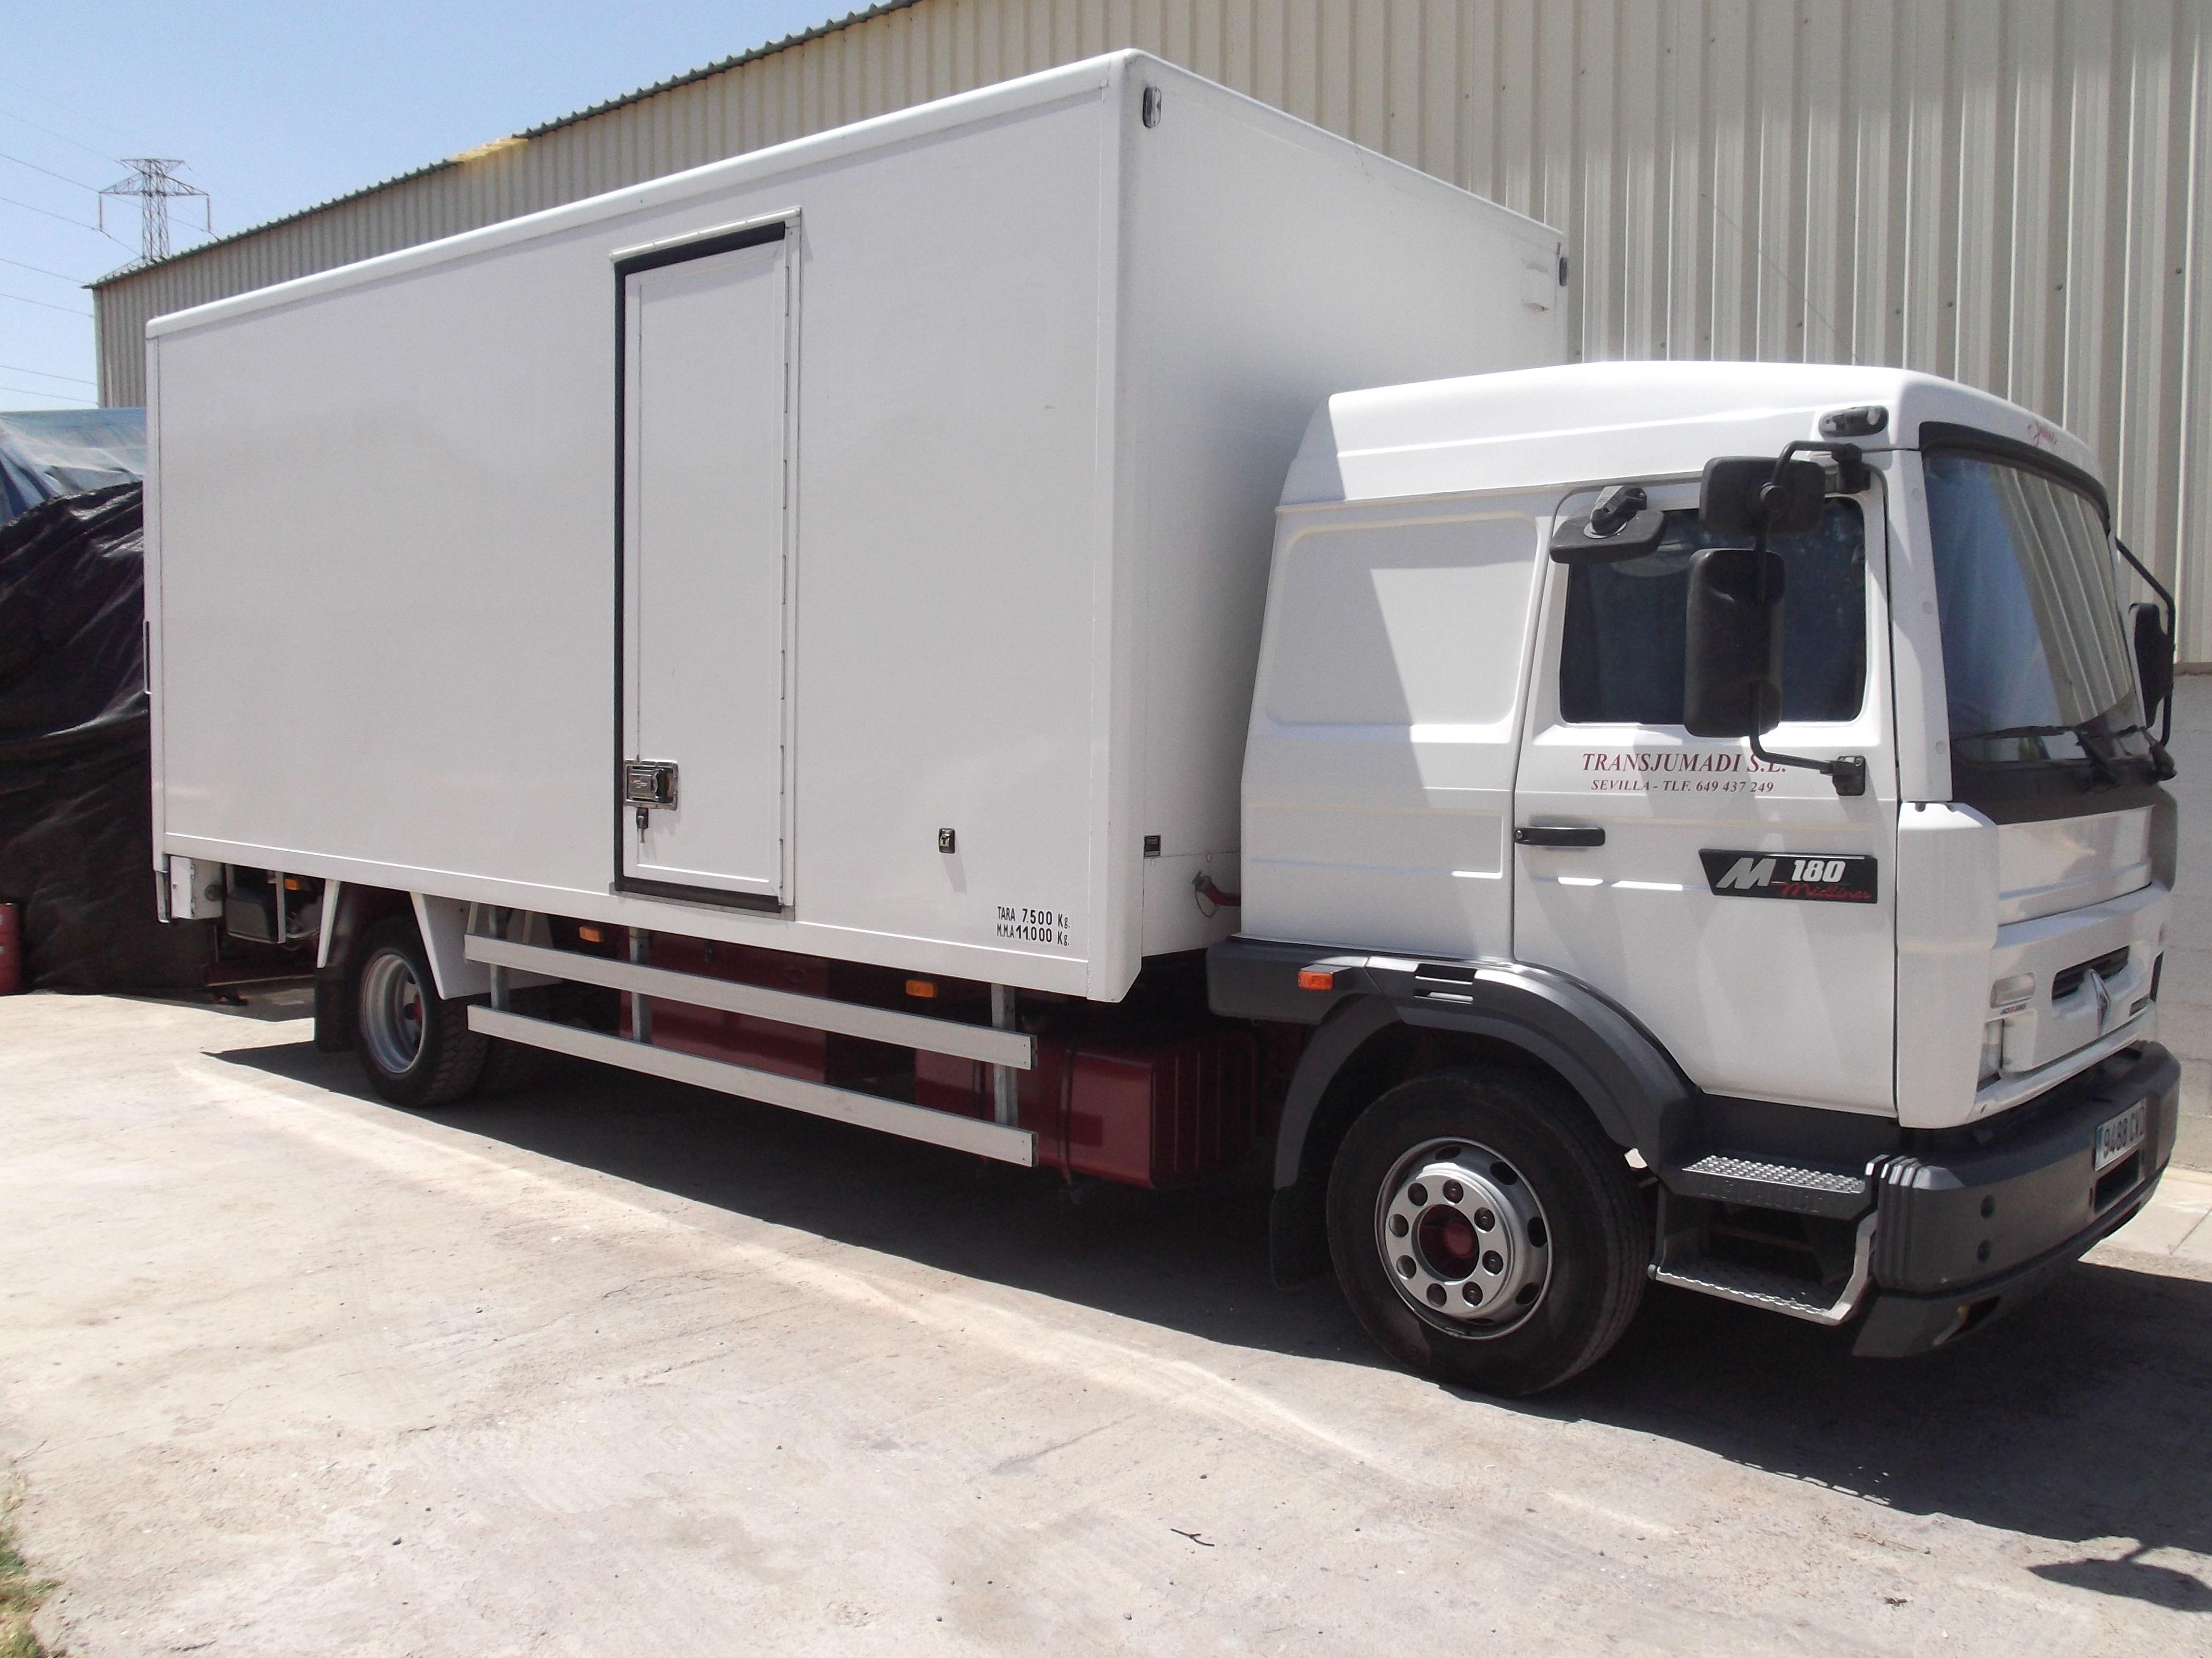 Camión para transporte audiovisual y cinematográfico